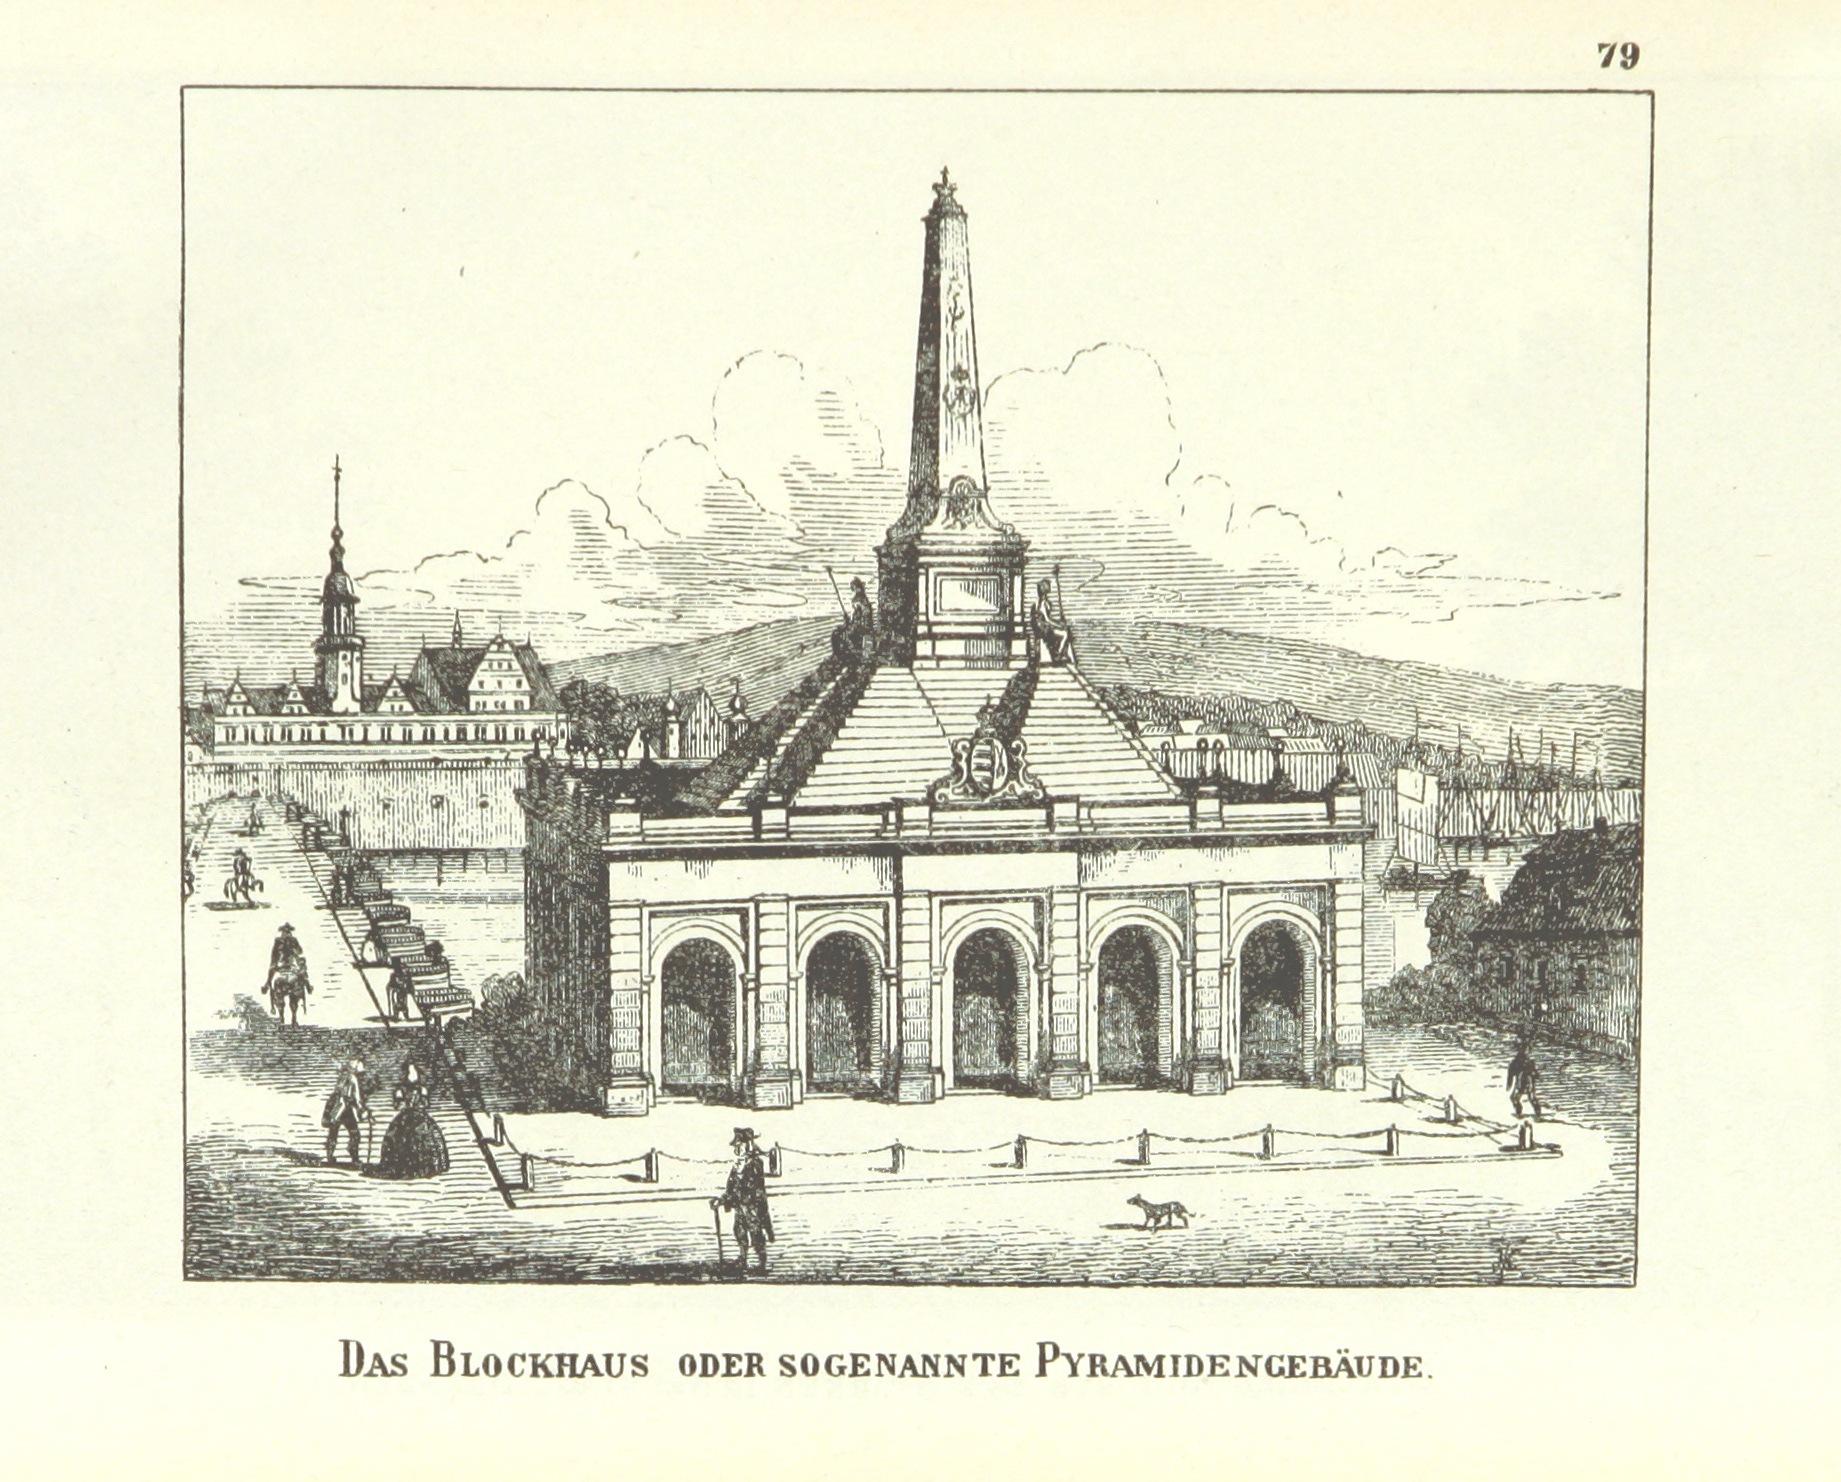 Das Blockhaus file das blockhaus oder sogenannte pyramidengebäude jpg wikimedia